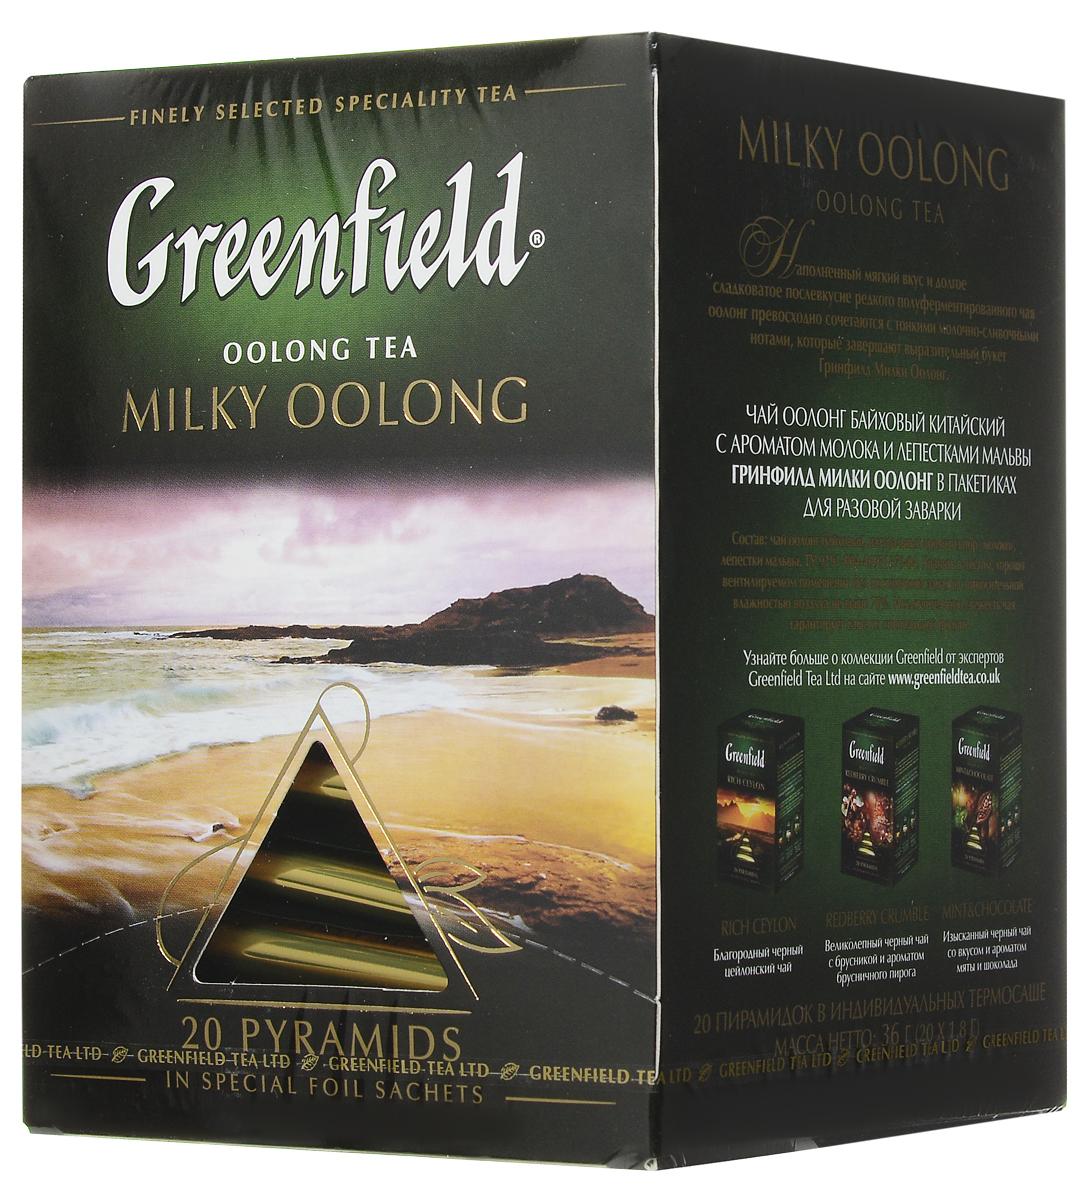 Greenfield Milky Oolong чай улун в пирамидках, 20 шт0120710Наполненный мягкий вкус и долгое сладковатое послевкусие редкого полуферментированного чая Oolong превосходно сочетаются с тонкими молочно-сливочными нотами, которые завершают выразительный букет Greenfield Milky Oolong.